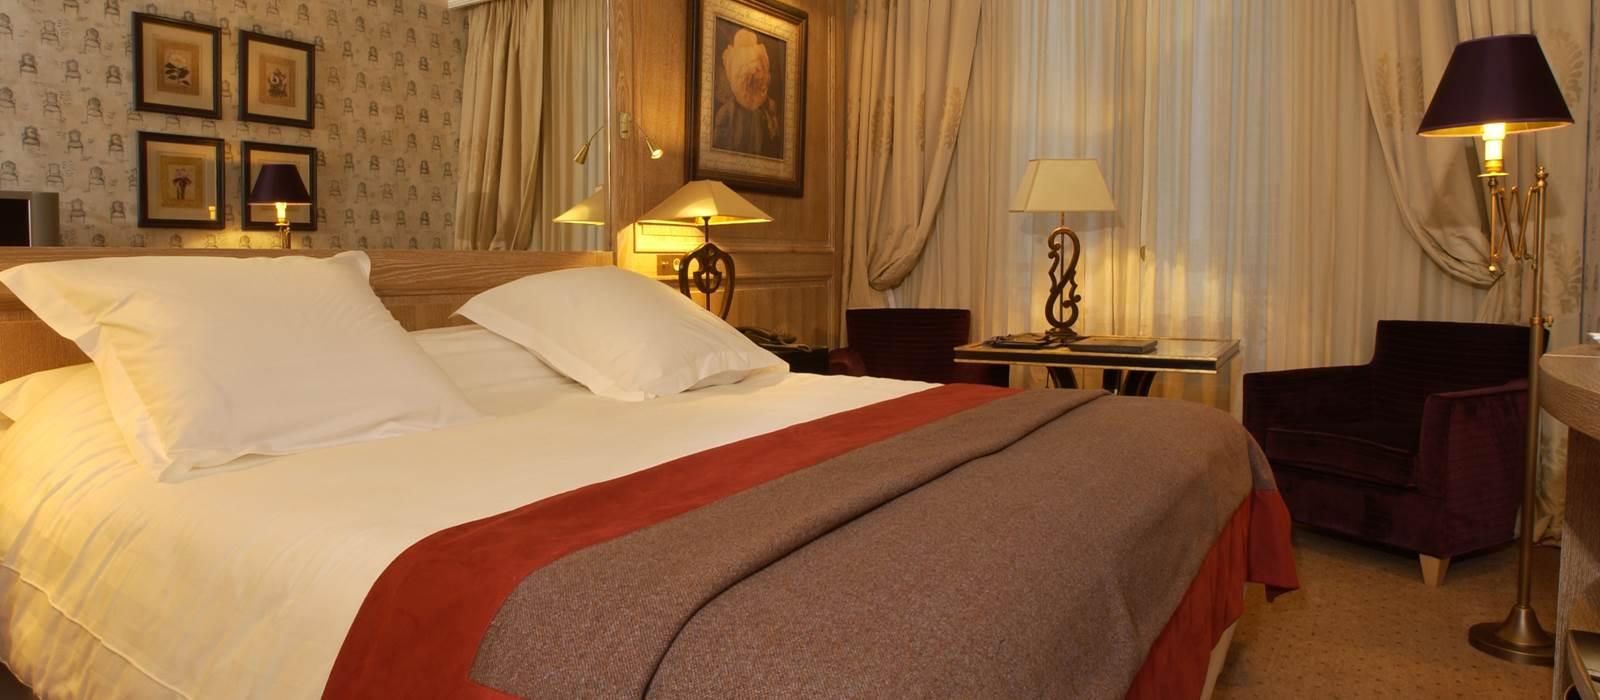 Hotel Amarante Paris